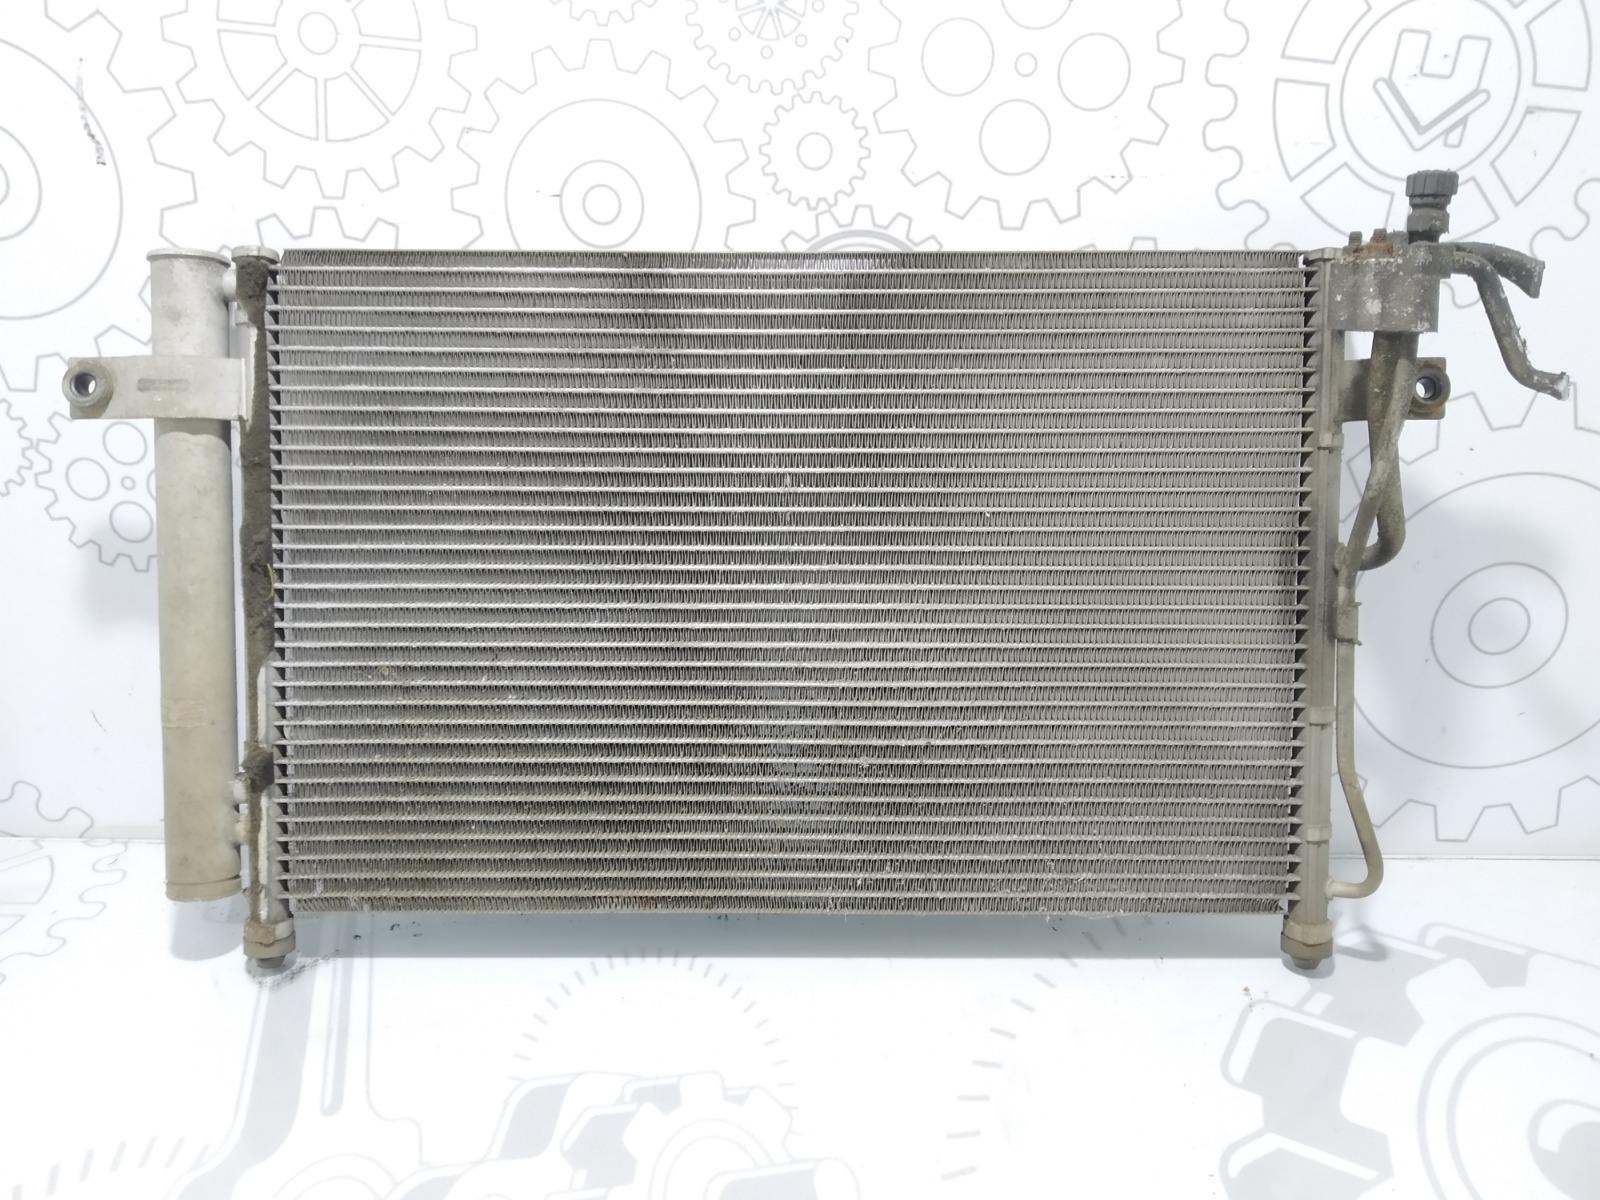 Радиатор кондиционера Hyundai Getz 1.3 I 2004 (б/у)